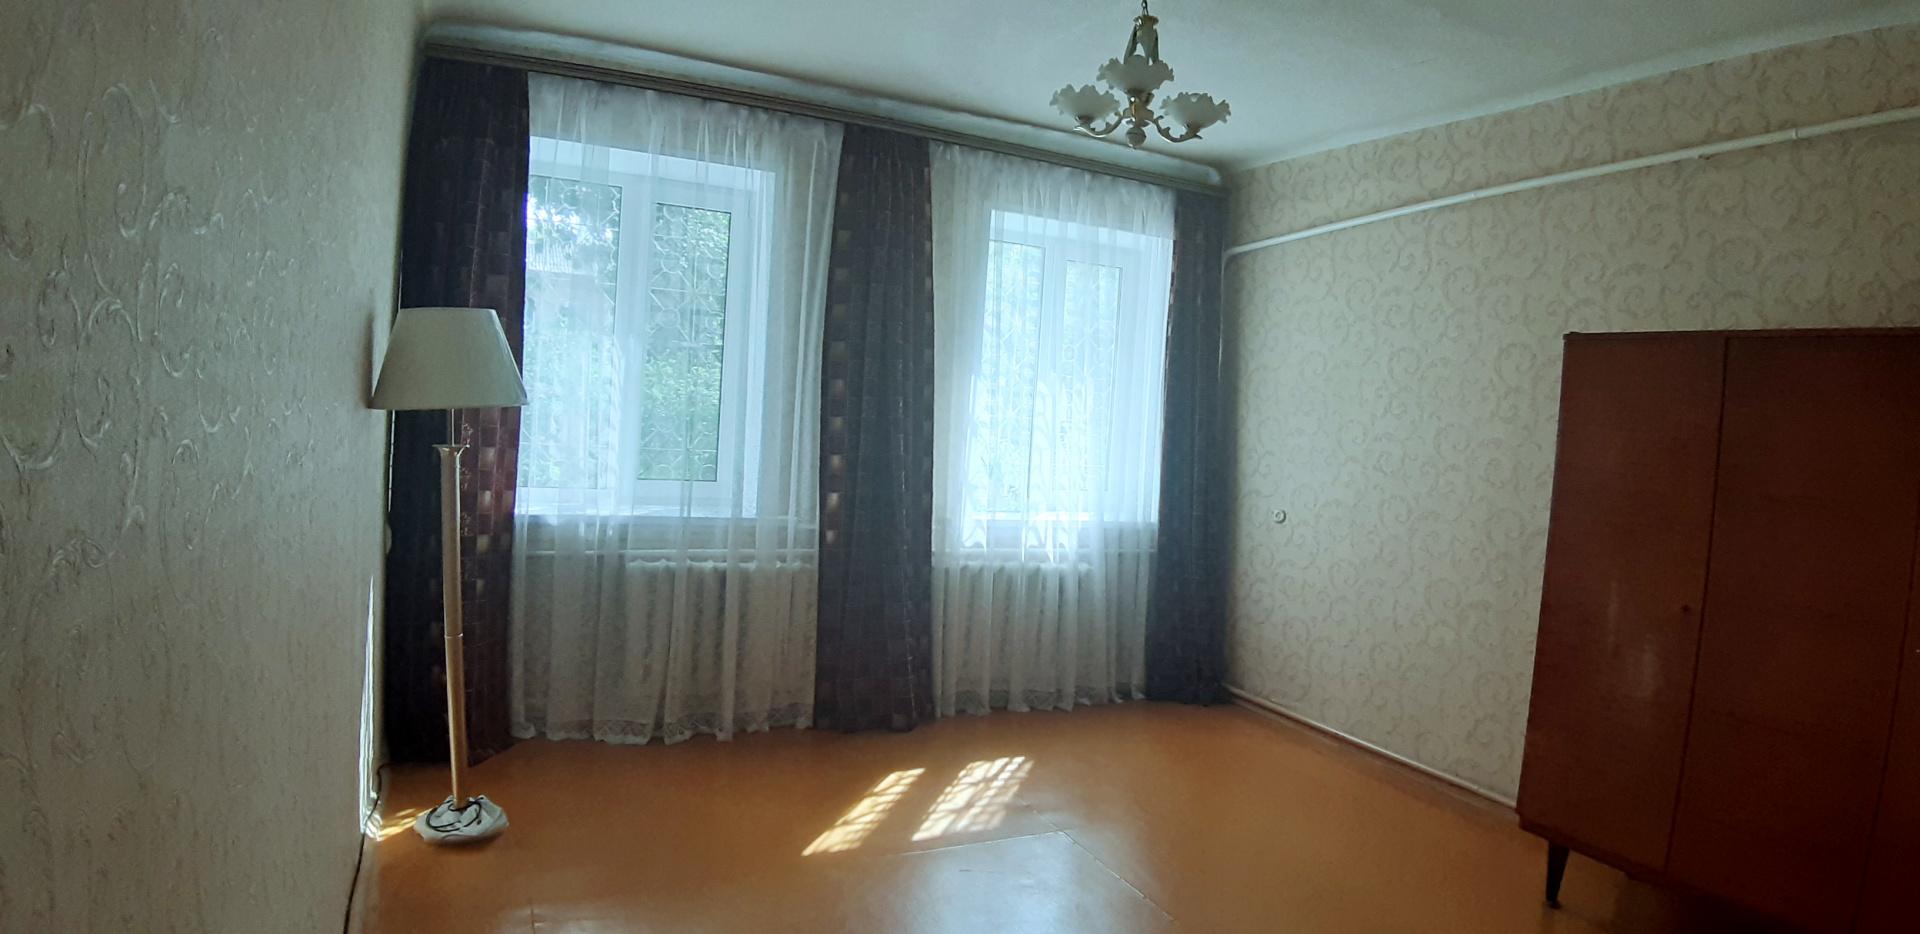 Продажа 2-комнатной квартиры Пржевальского ул., 3, Нижний Новгород